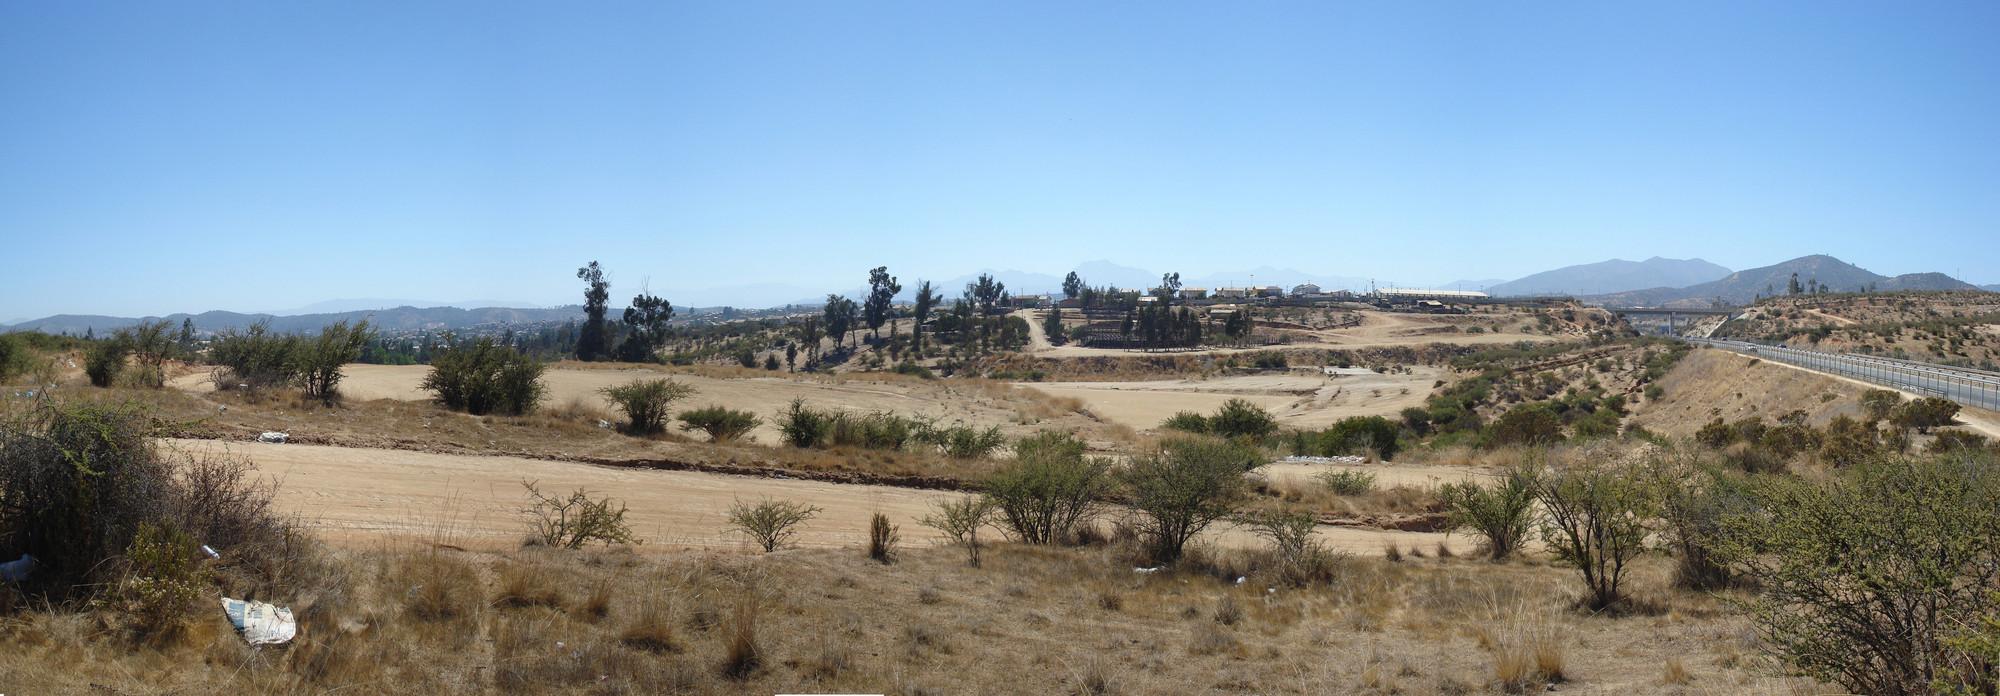 Futuro emplazamiento del Parque Deportivo Villa Alemana. Image Courtesy of Huérfanos Arquitectos